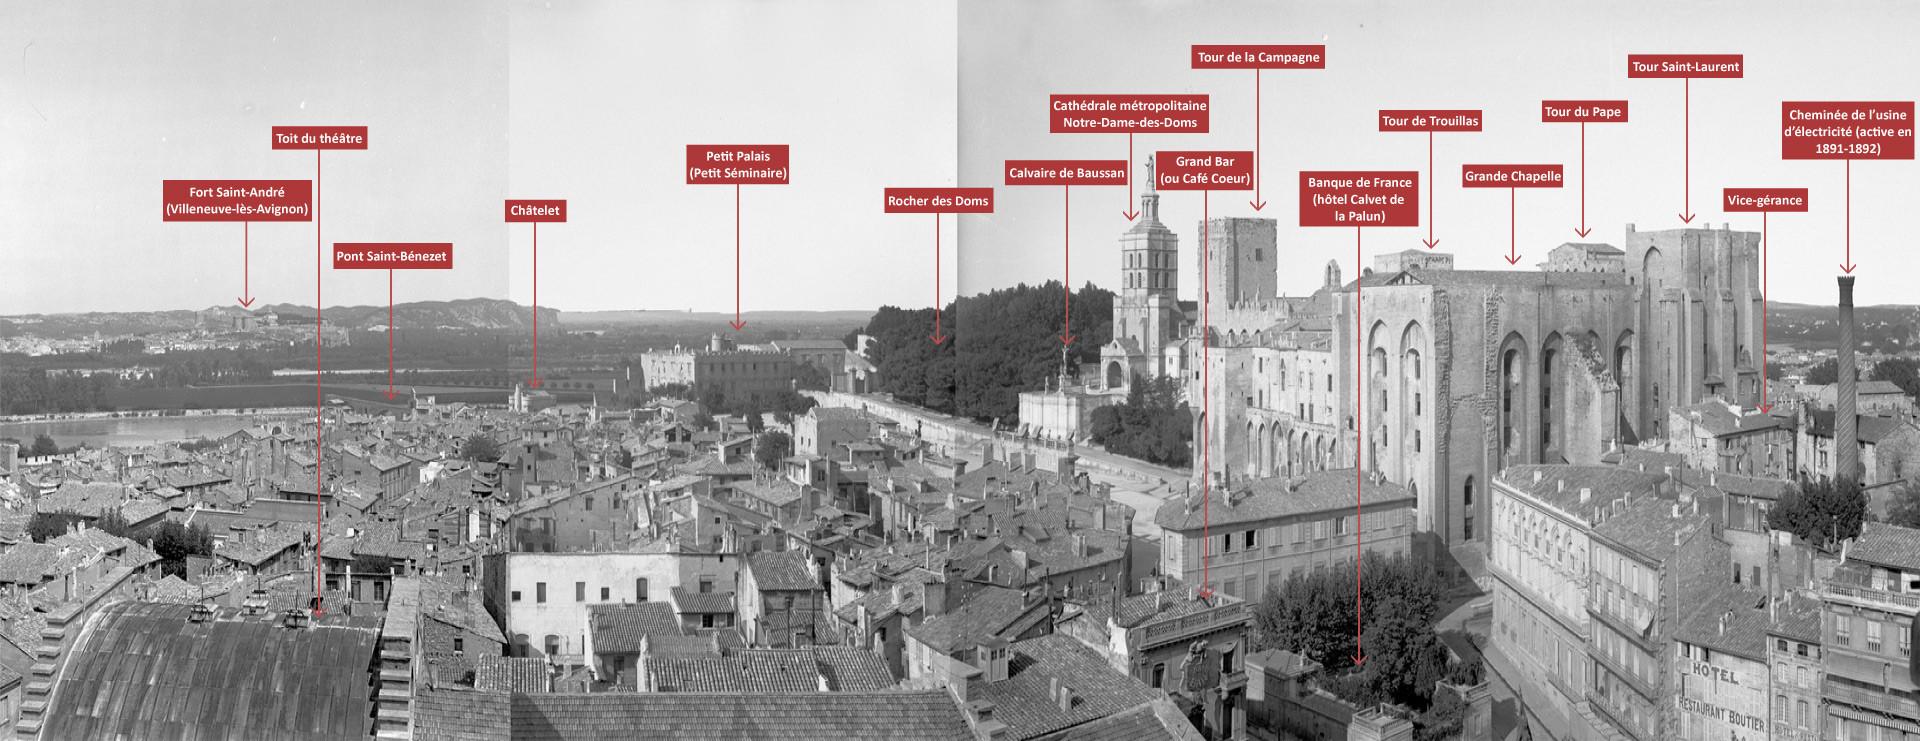 Vue panoramique d'Avignon depuis le beffroi de l'hôtel de ville 4/4